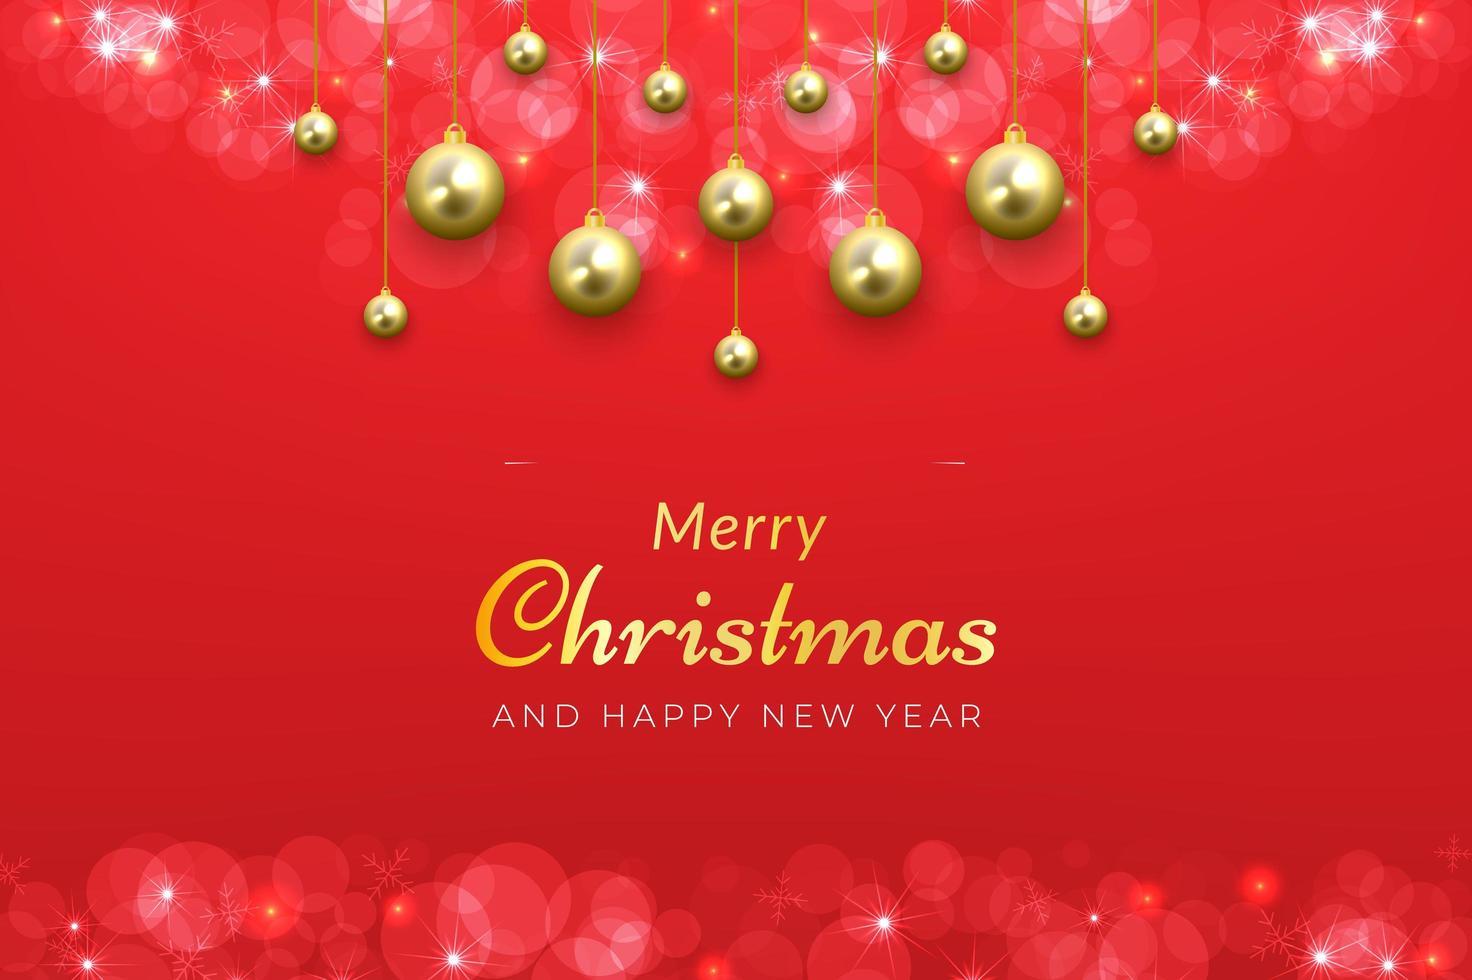 fondo de navidad en rojo con adornos colgantes dorados vector